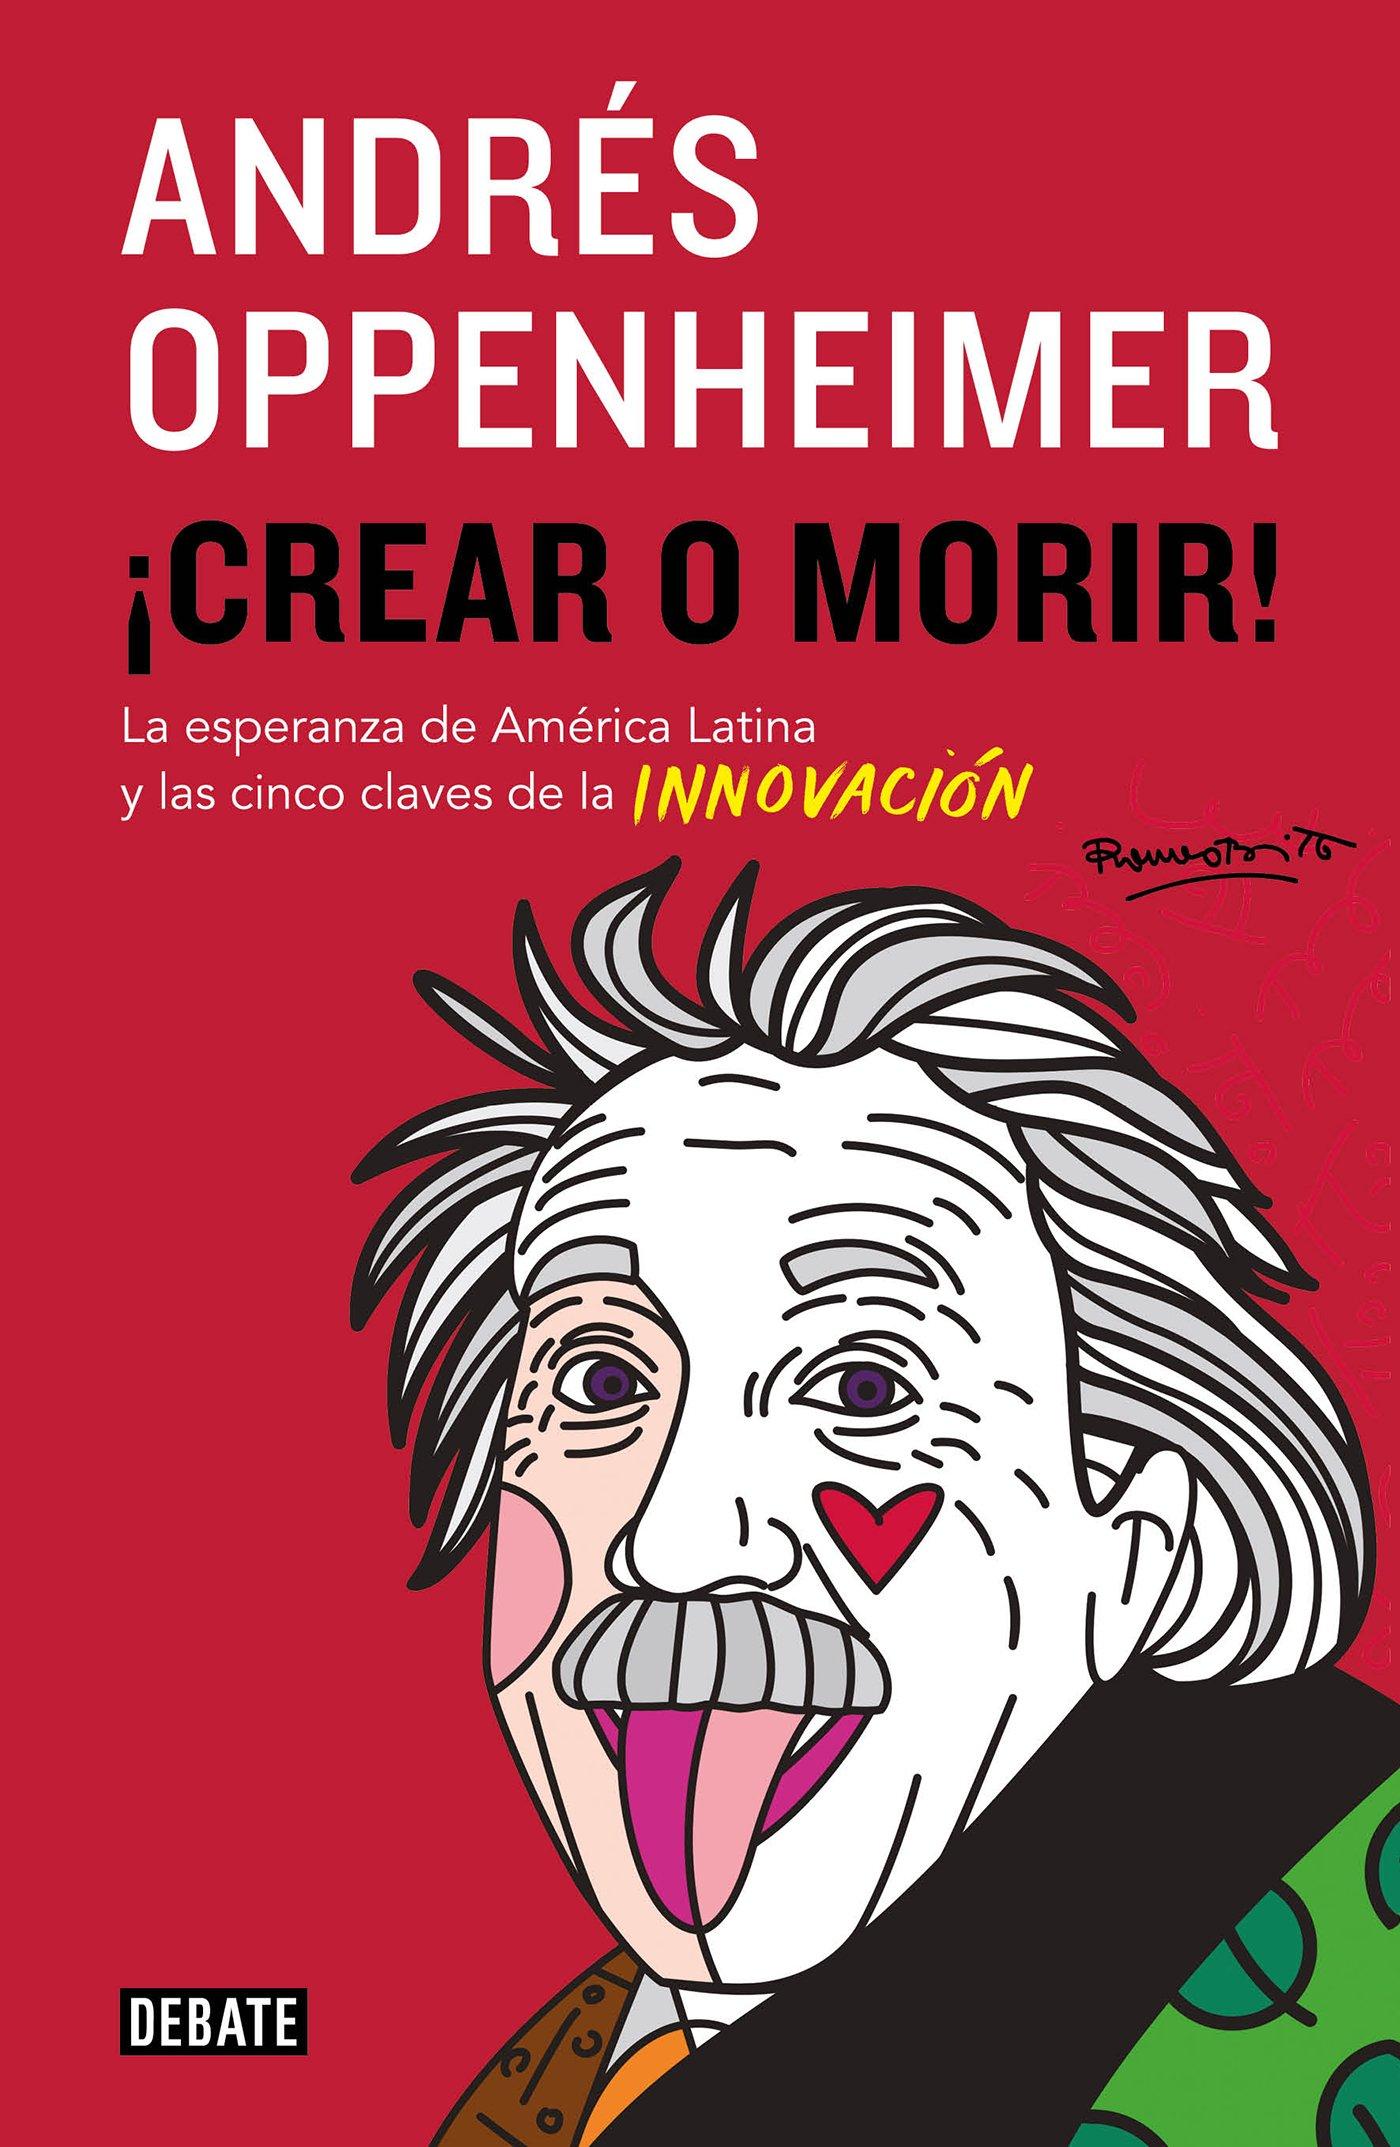 ¡Crear o morir!: La esperanza de Latinoamérica y las cinco claves de la innovación (Spanish Edition)